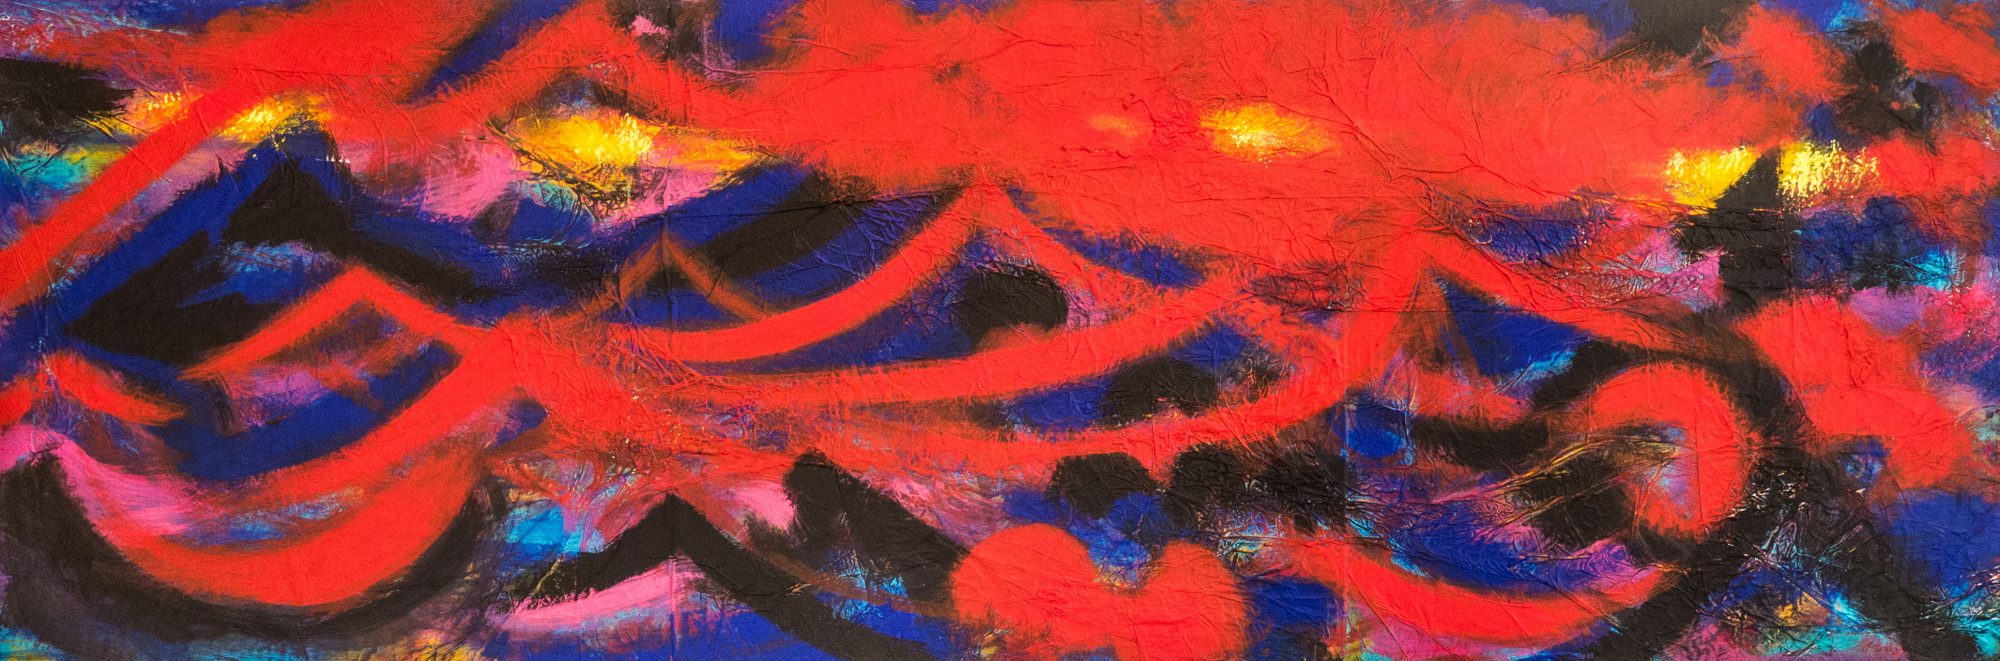 053_Nachtlichter, Acryl auf Alu, 50x150cm, 2017